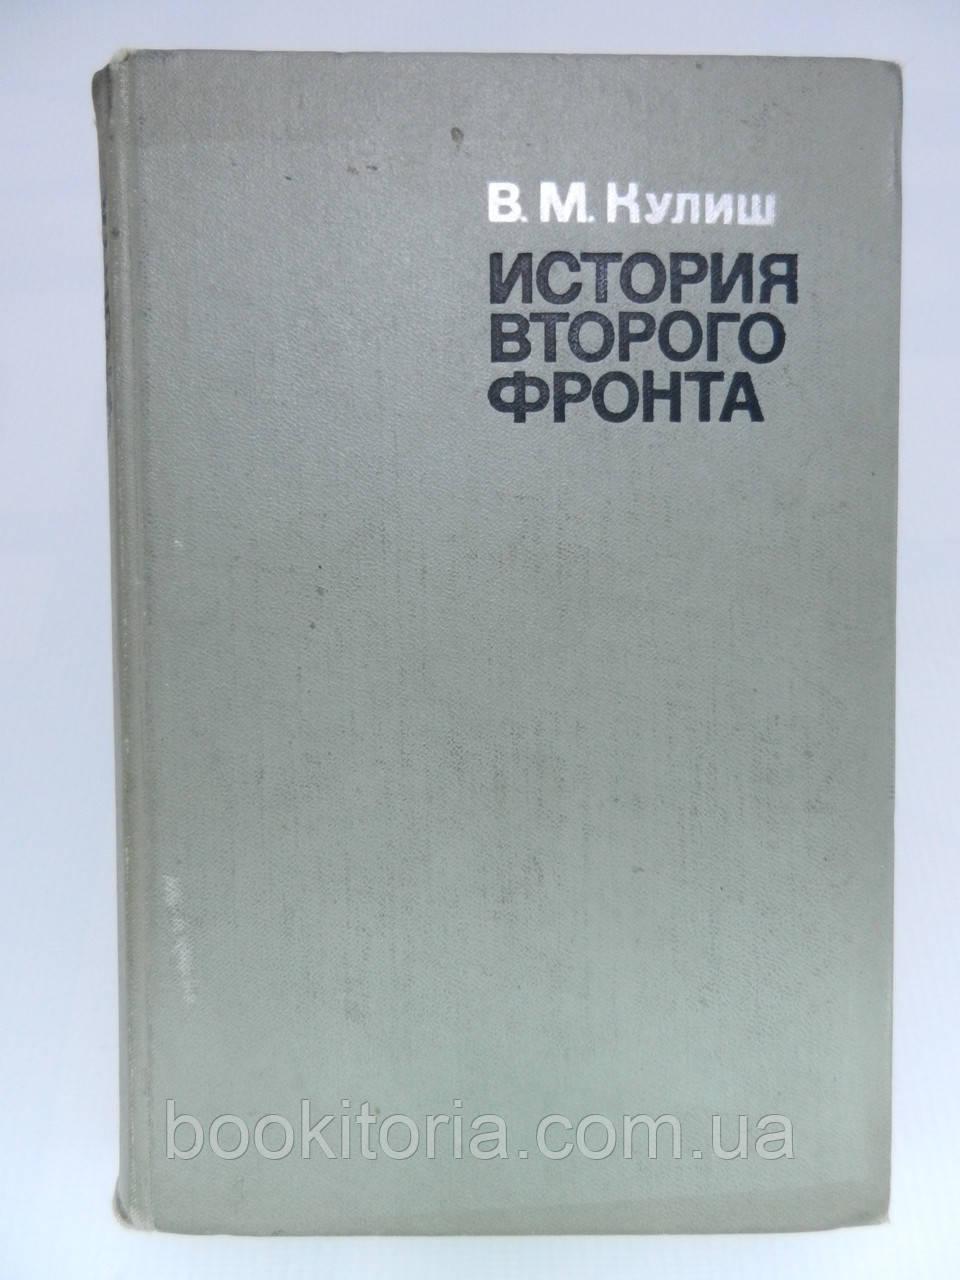 Кулиш В.М. История Второго фронта (б/у).